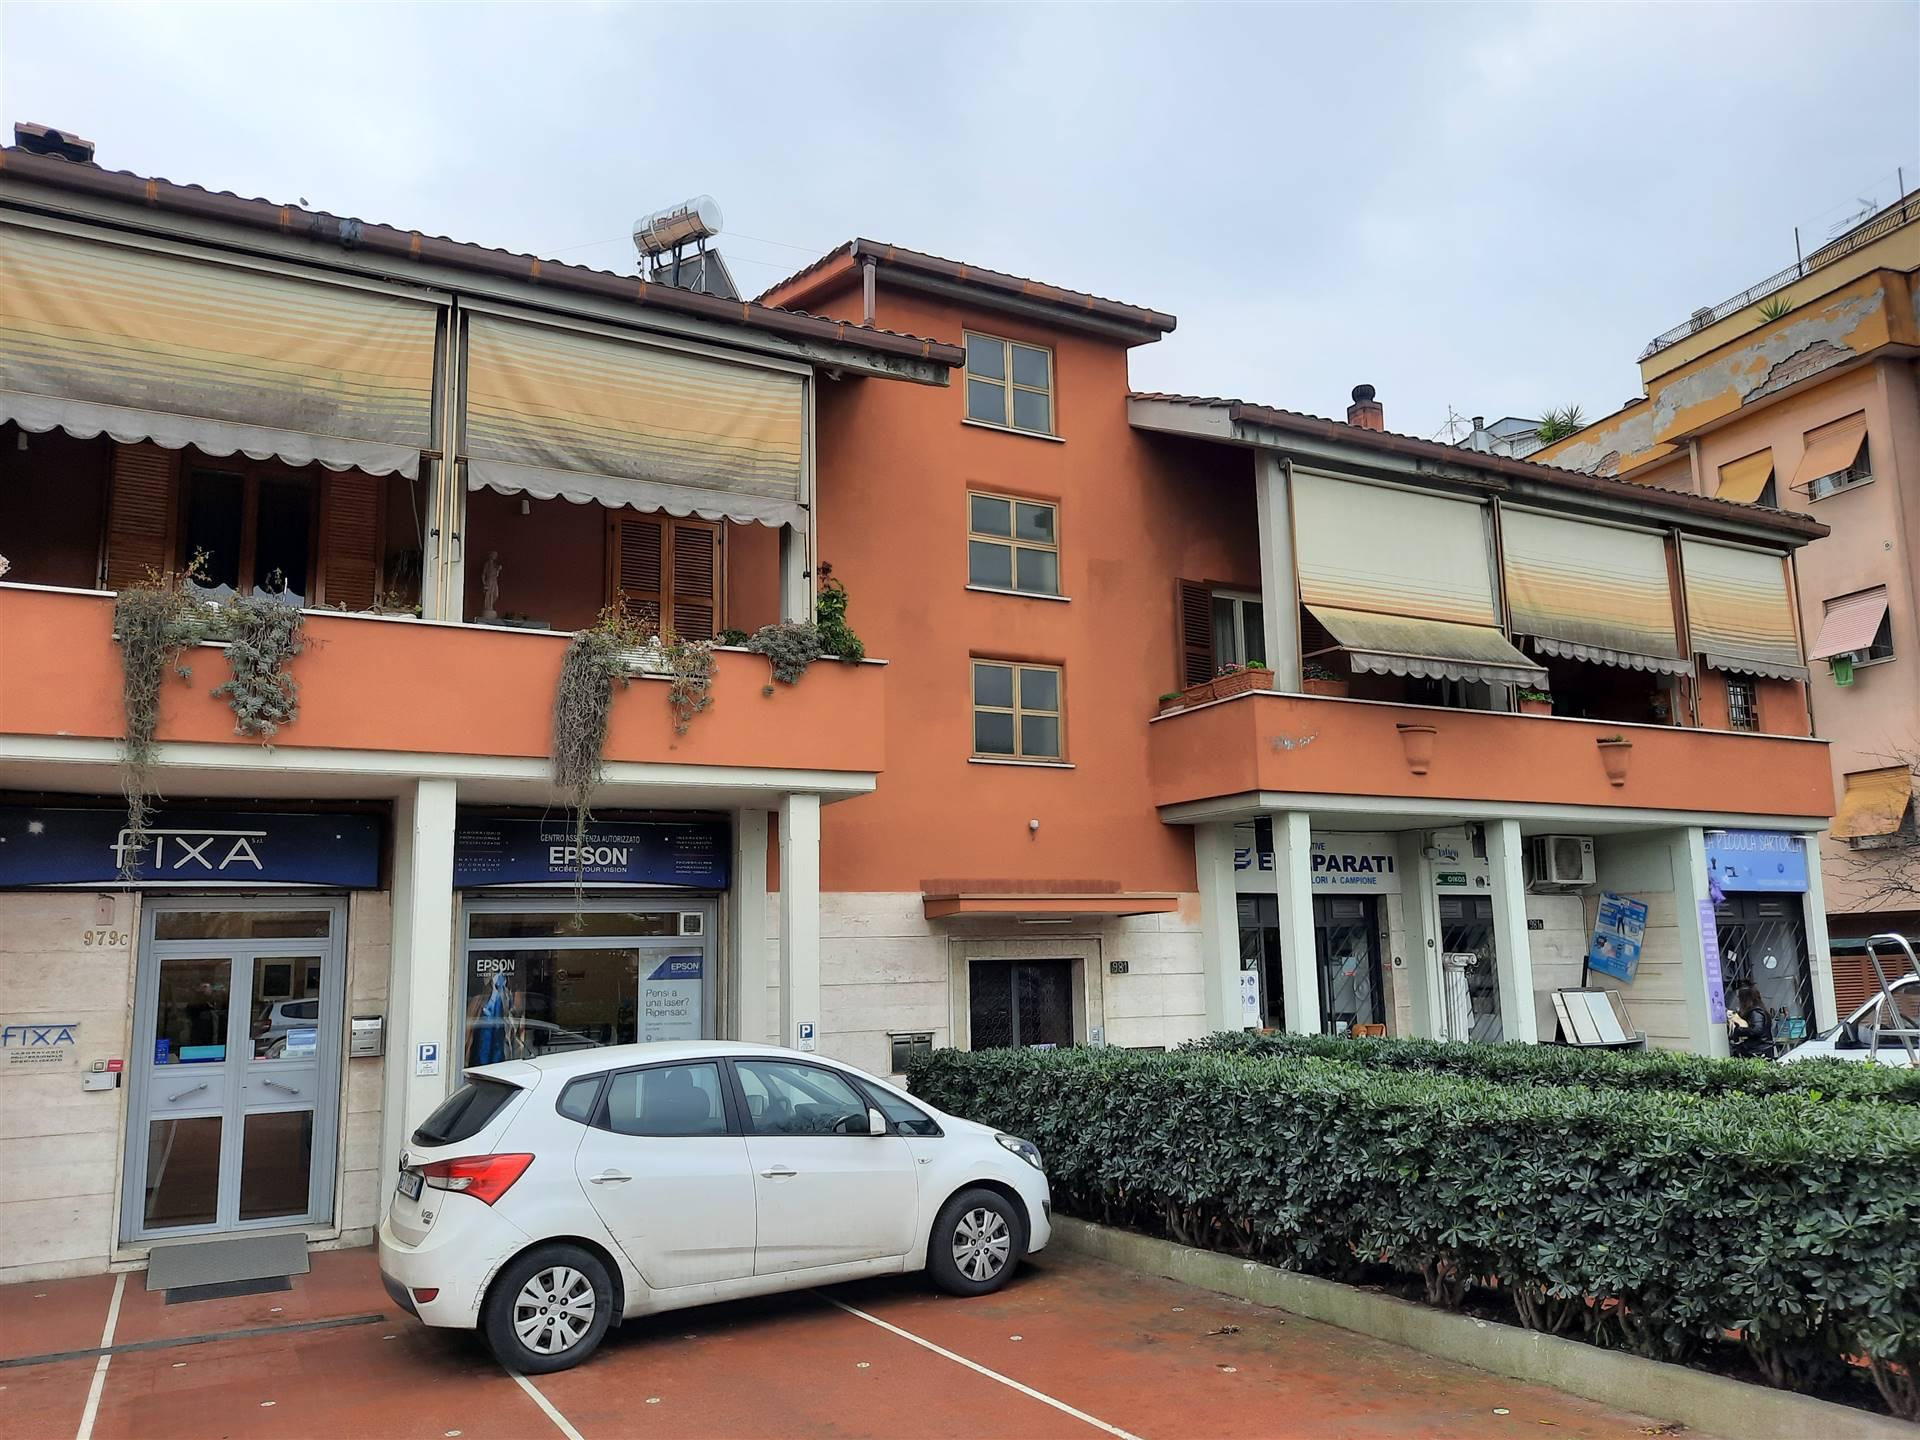 ROMA, TORREVECCHIA, affittiamo un locale C1 di 90 mq suddiviso in tre ambienti molto ampi con vetrine su strada e spazio antistante al locale per